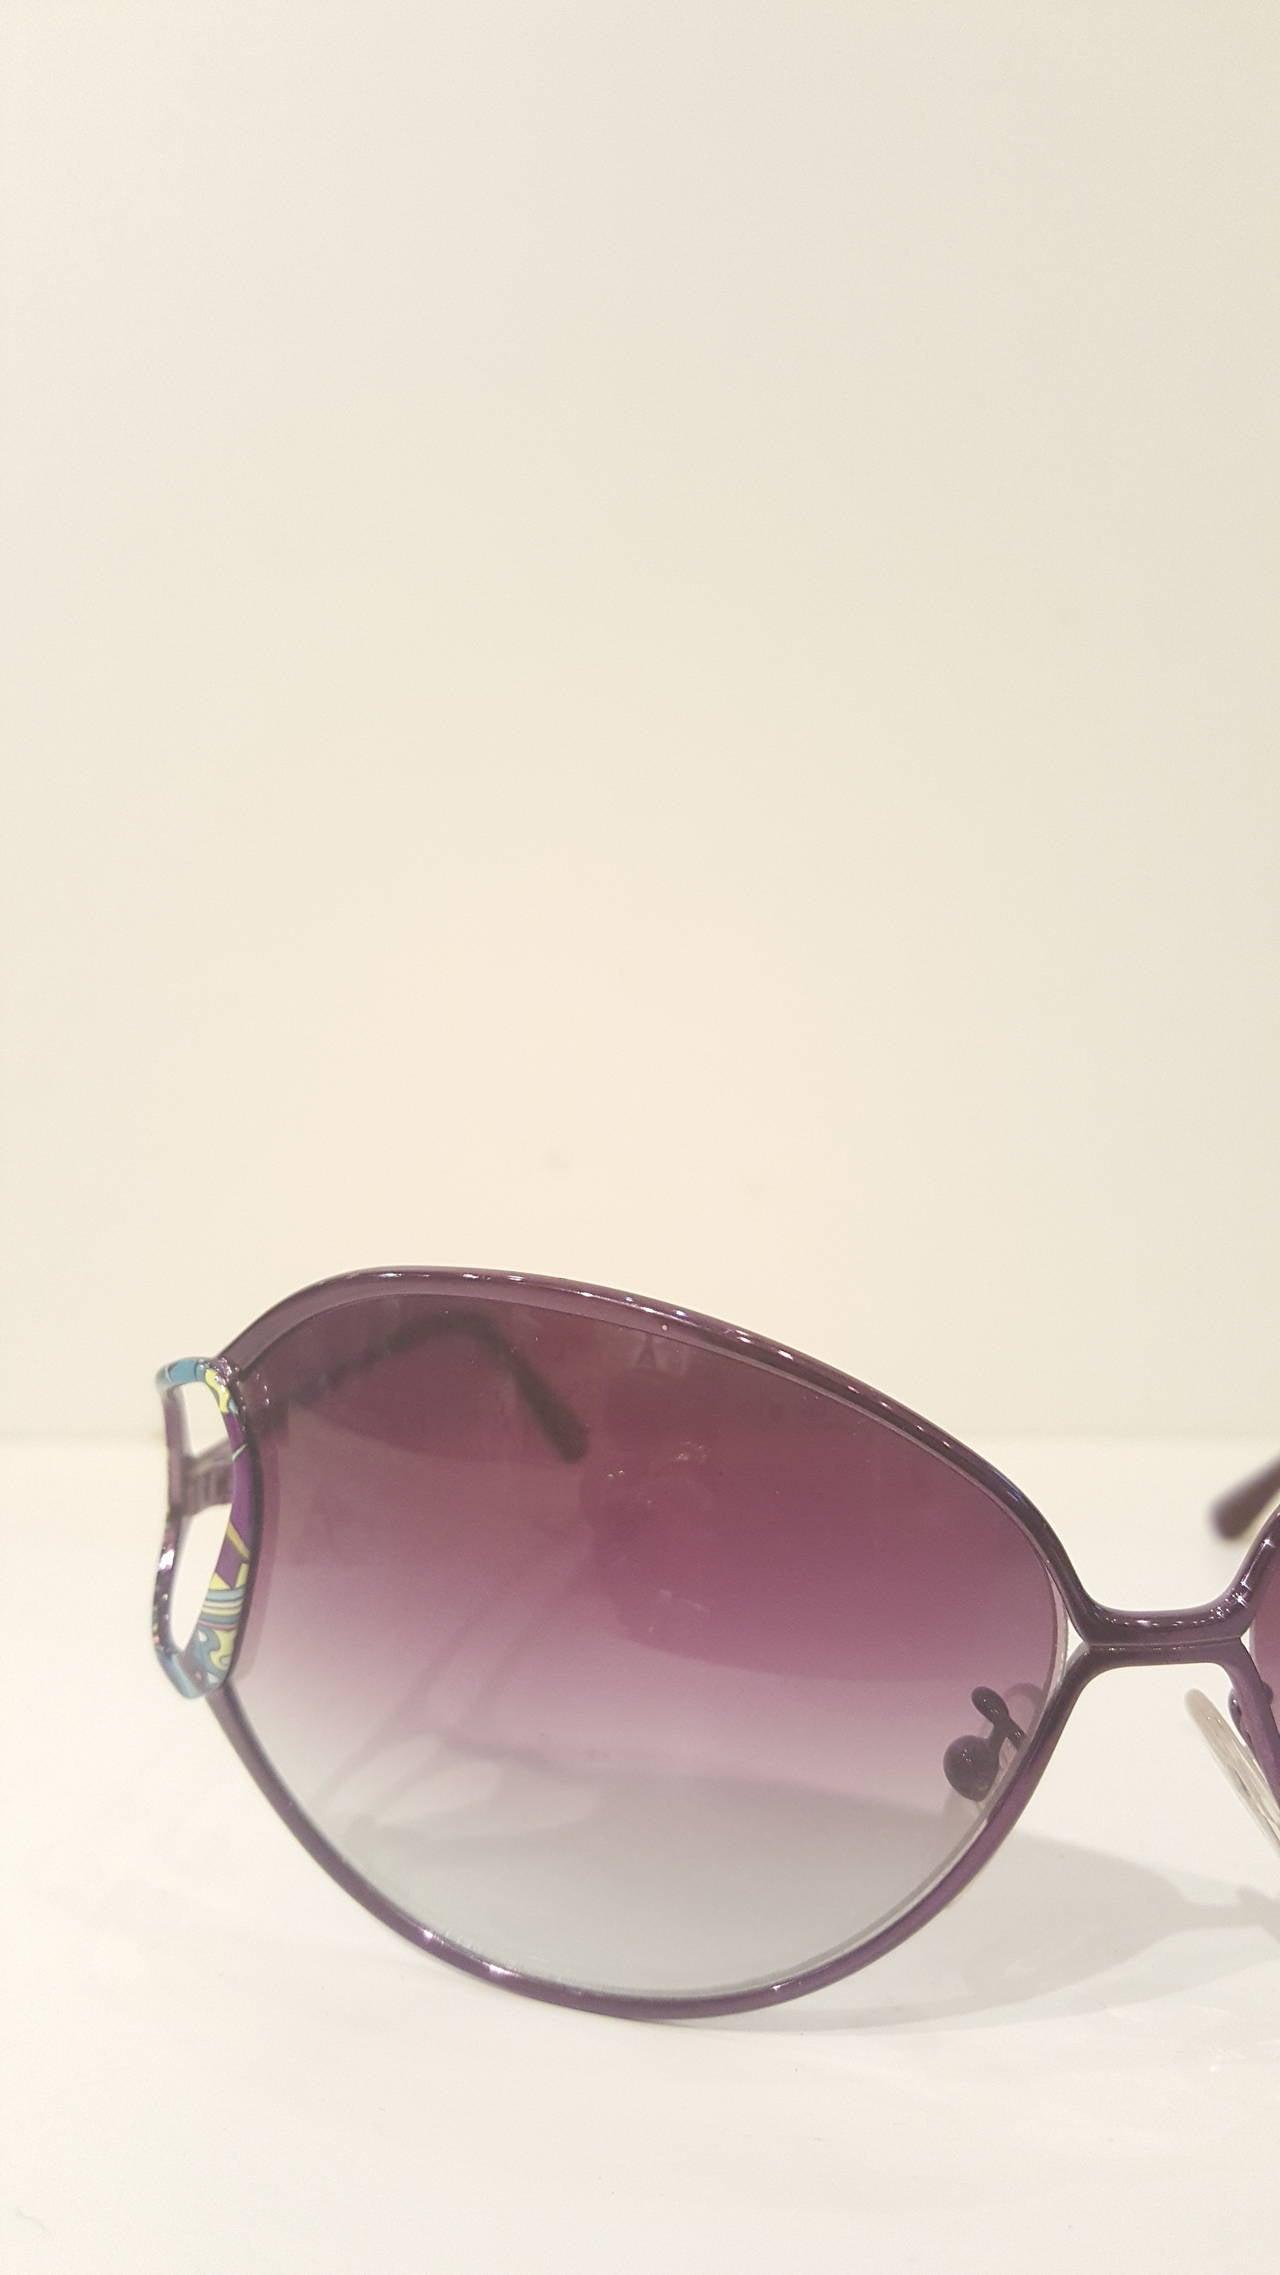 1990s Emilio Pucci purple sunglasses 2